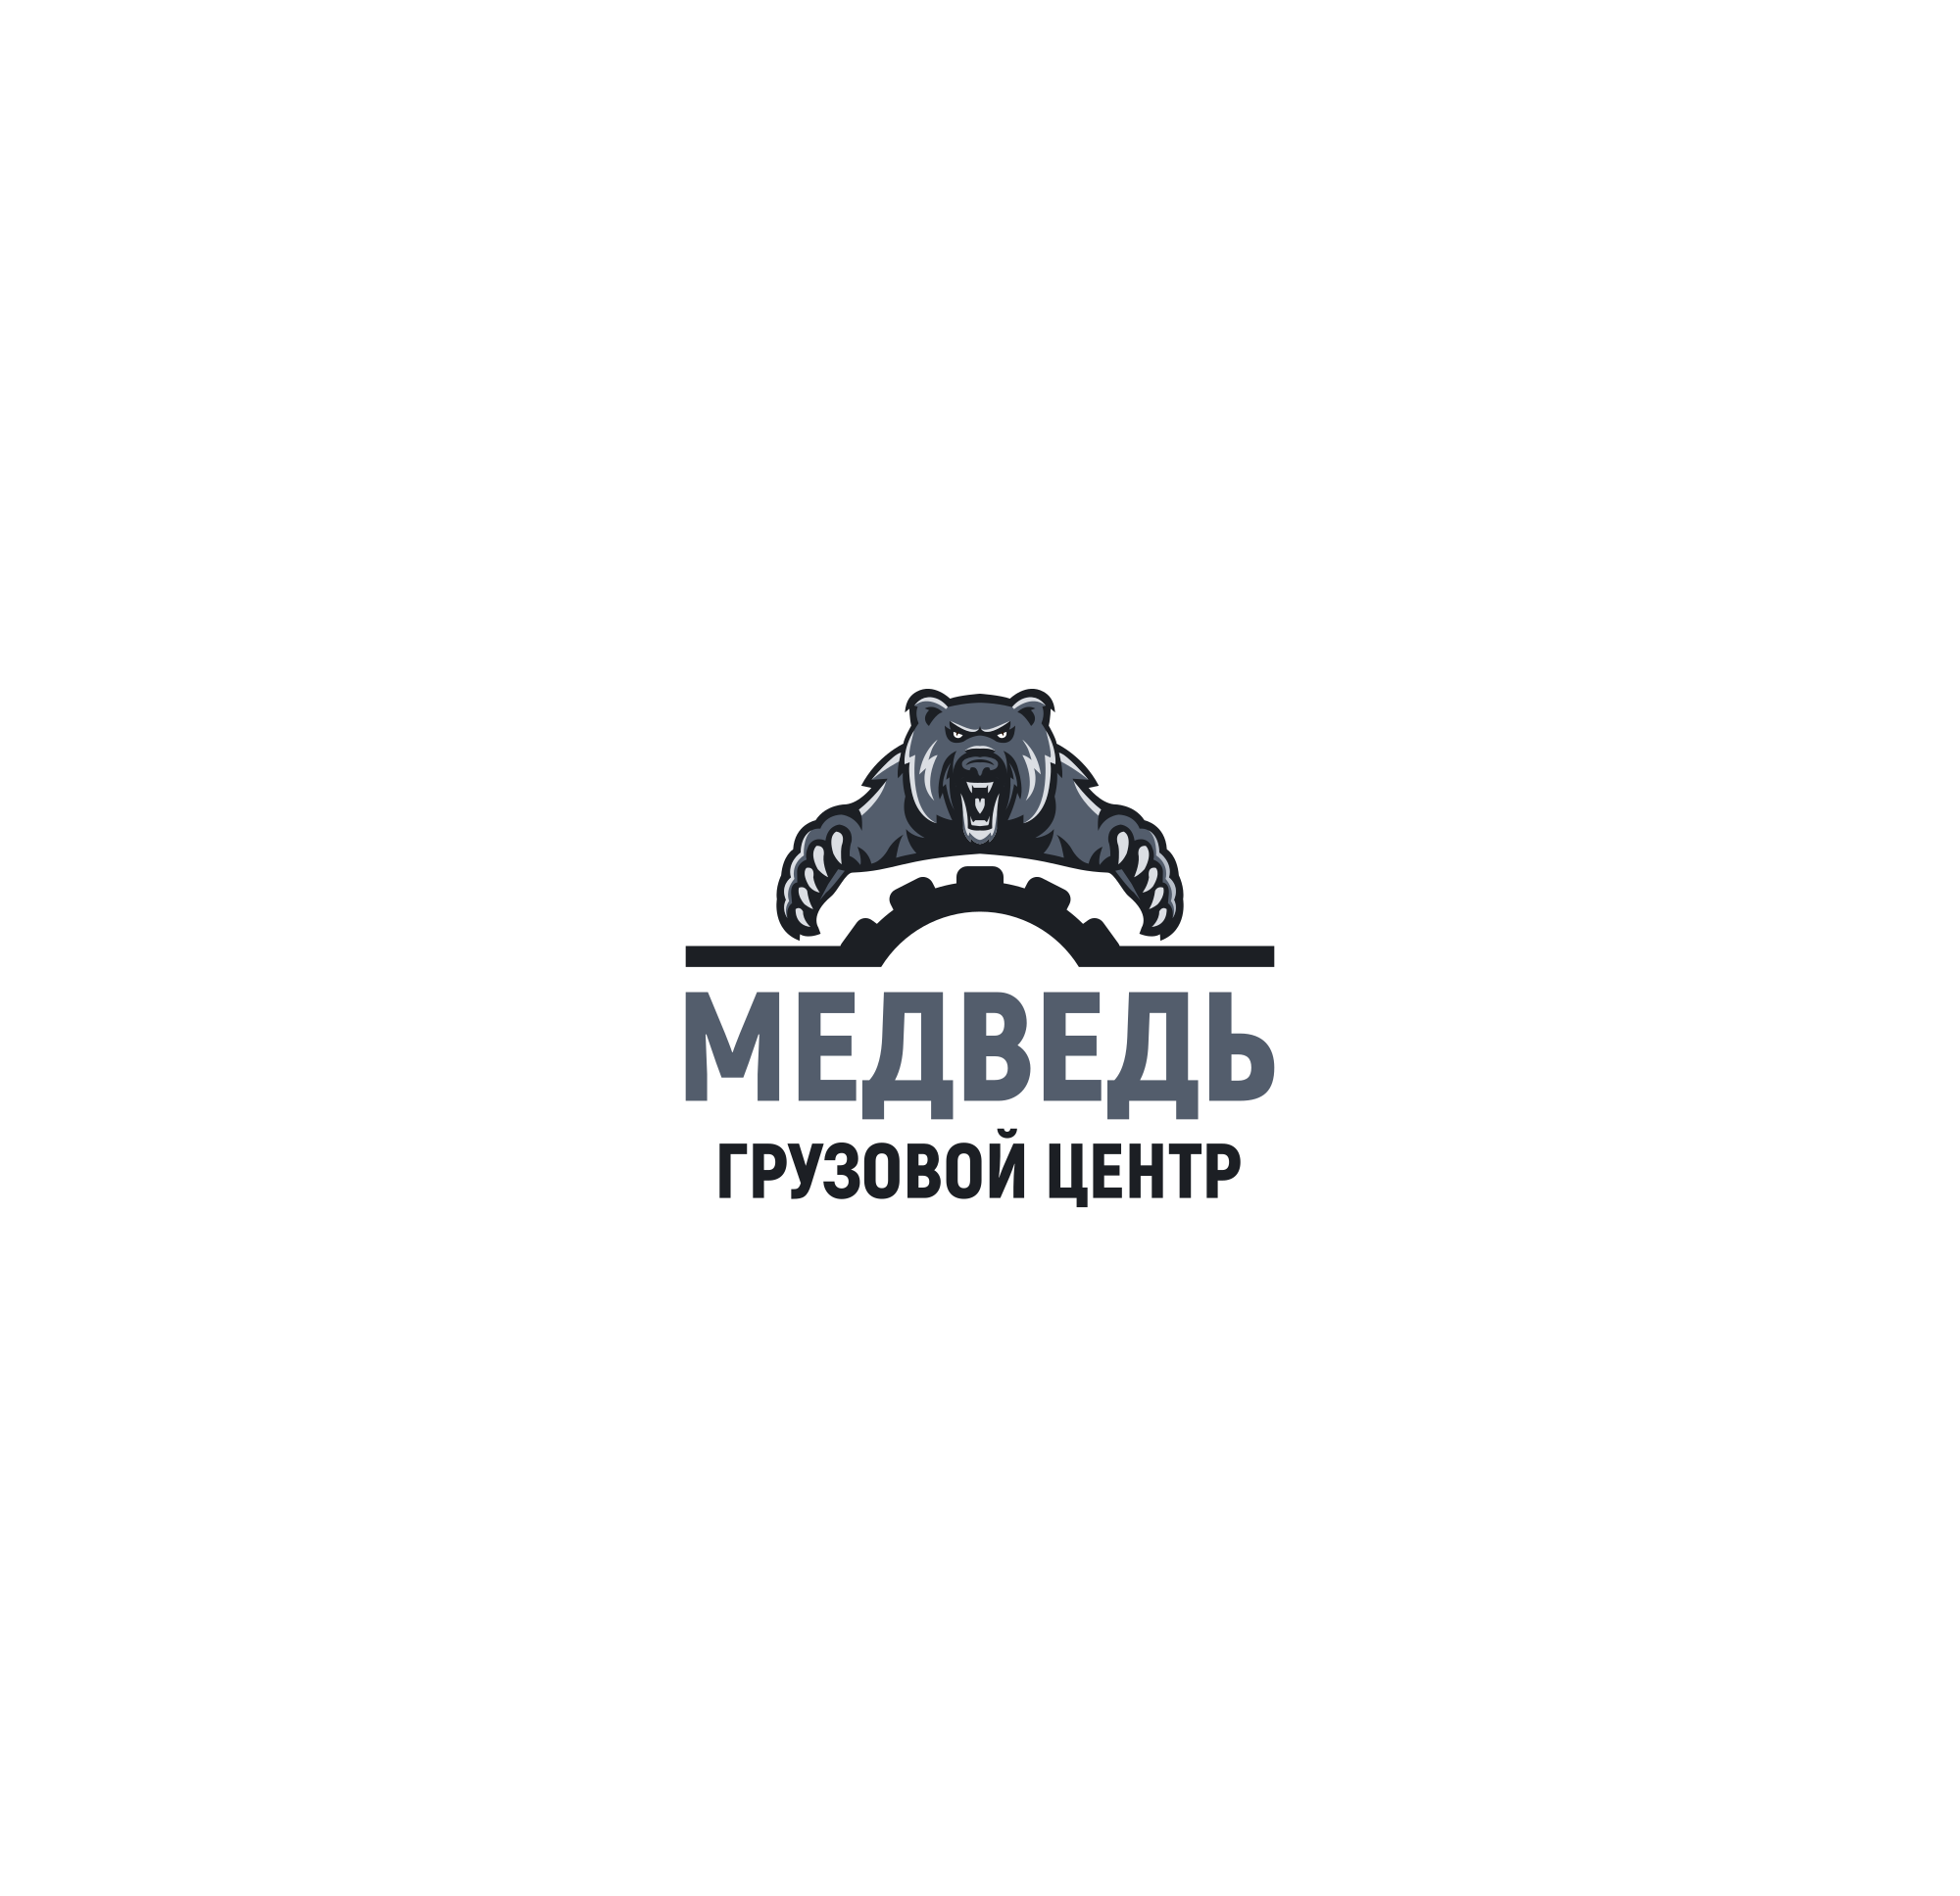 Разработка логотипа фото f_4425aba3644007dc.png